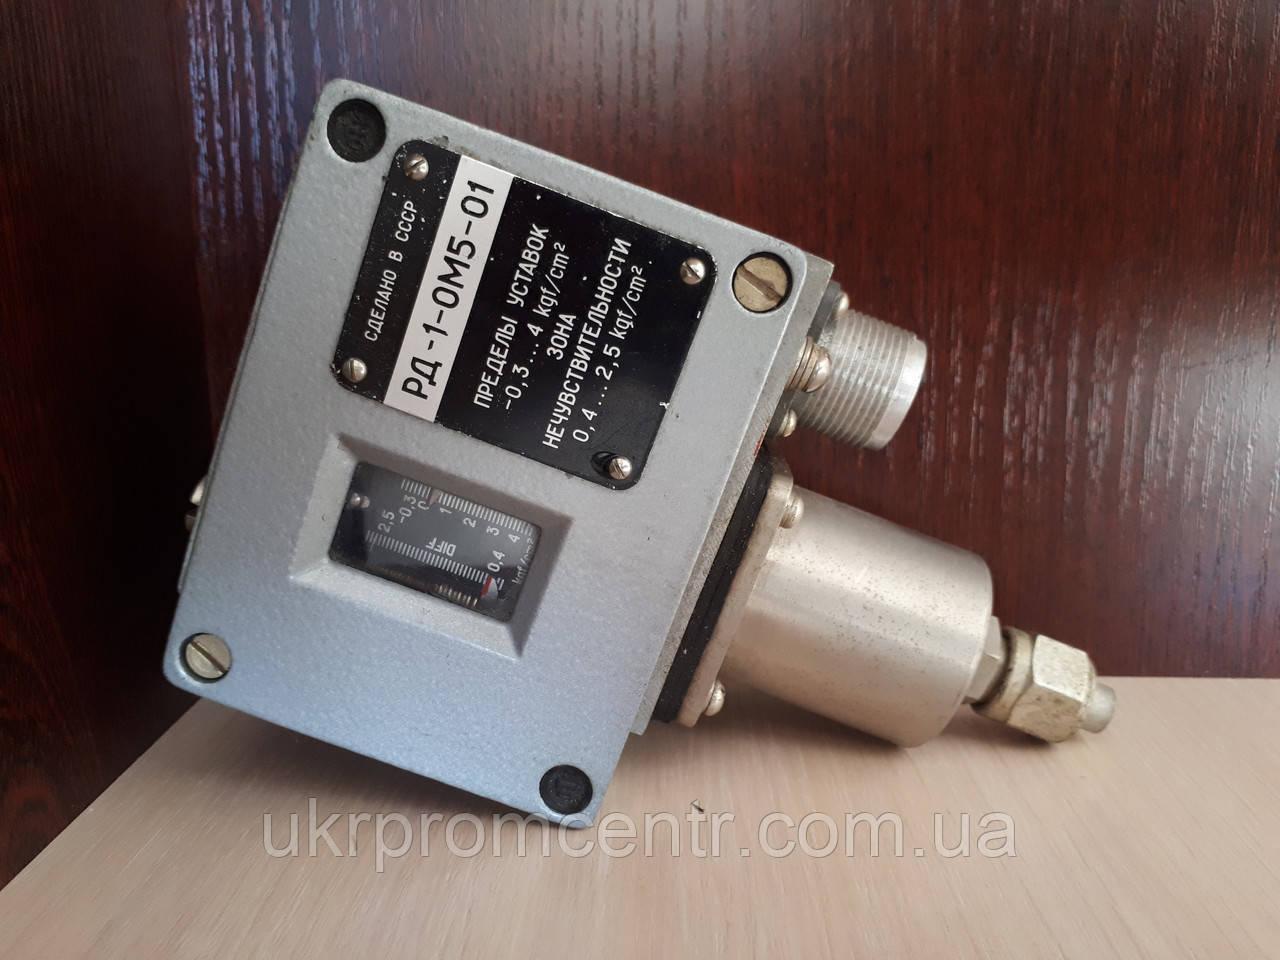 Датчики-реле давления РД1-ОМ5, РД2-ОМ5